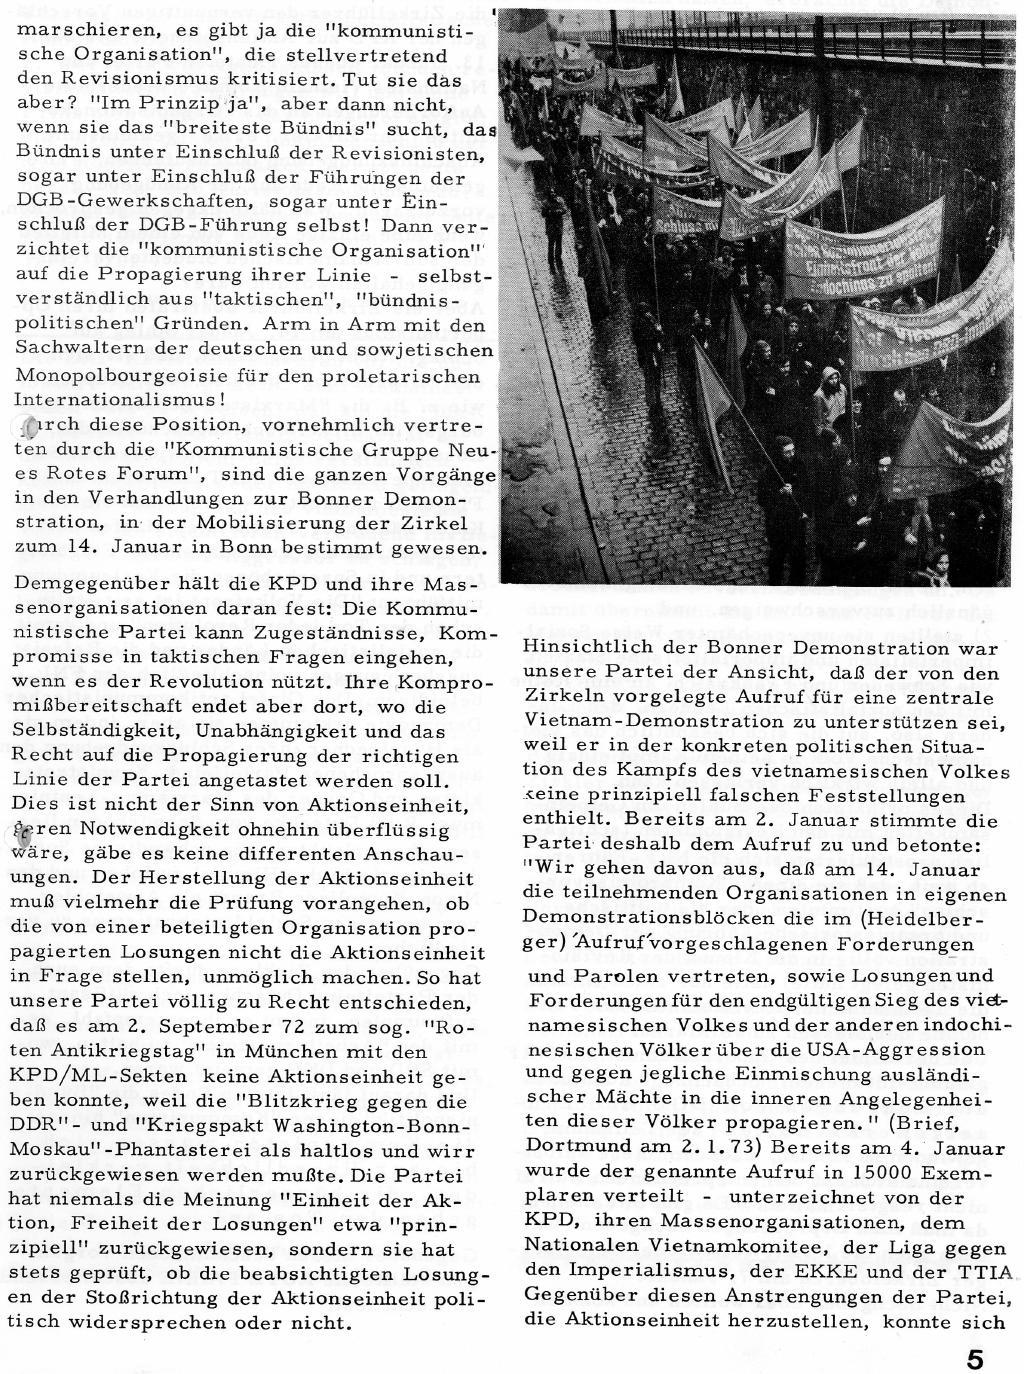 RPK_1973_003_004_05